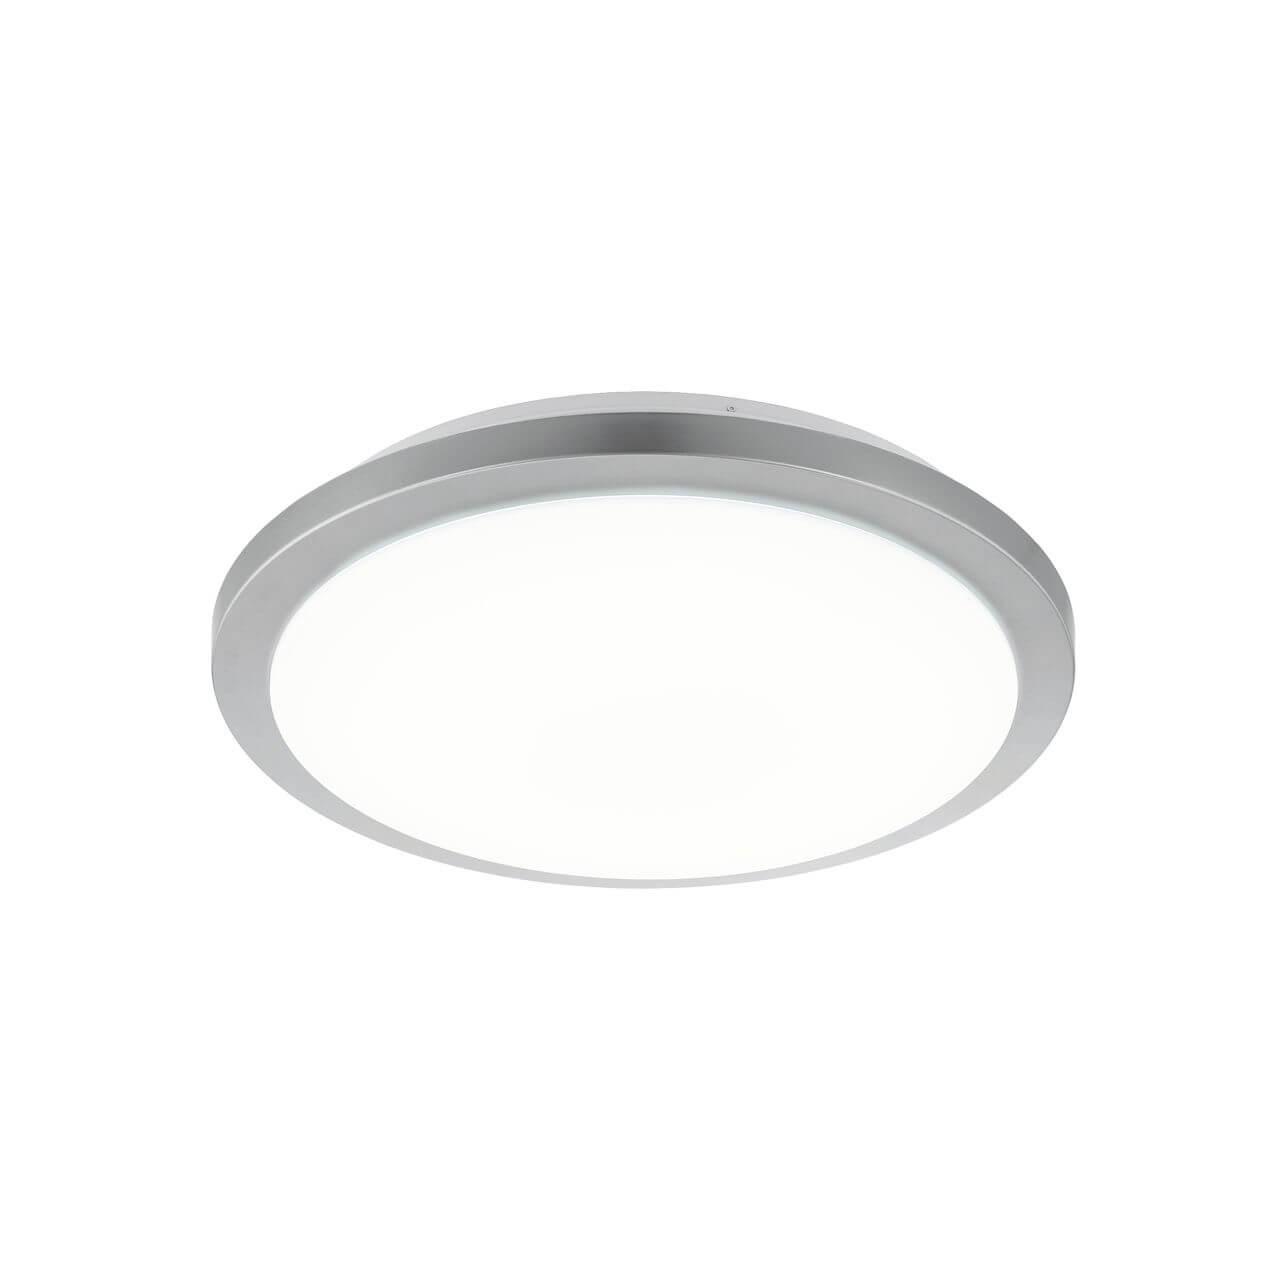 Настенно-потолочный светодиодный светильник Eglo Competa-ST 97326 настенно потолочный светодиодный светильник eglo competa 1 st 97752